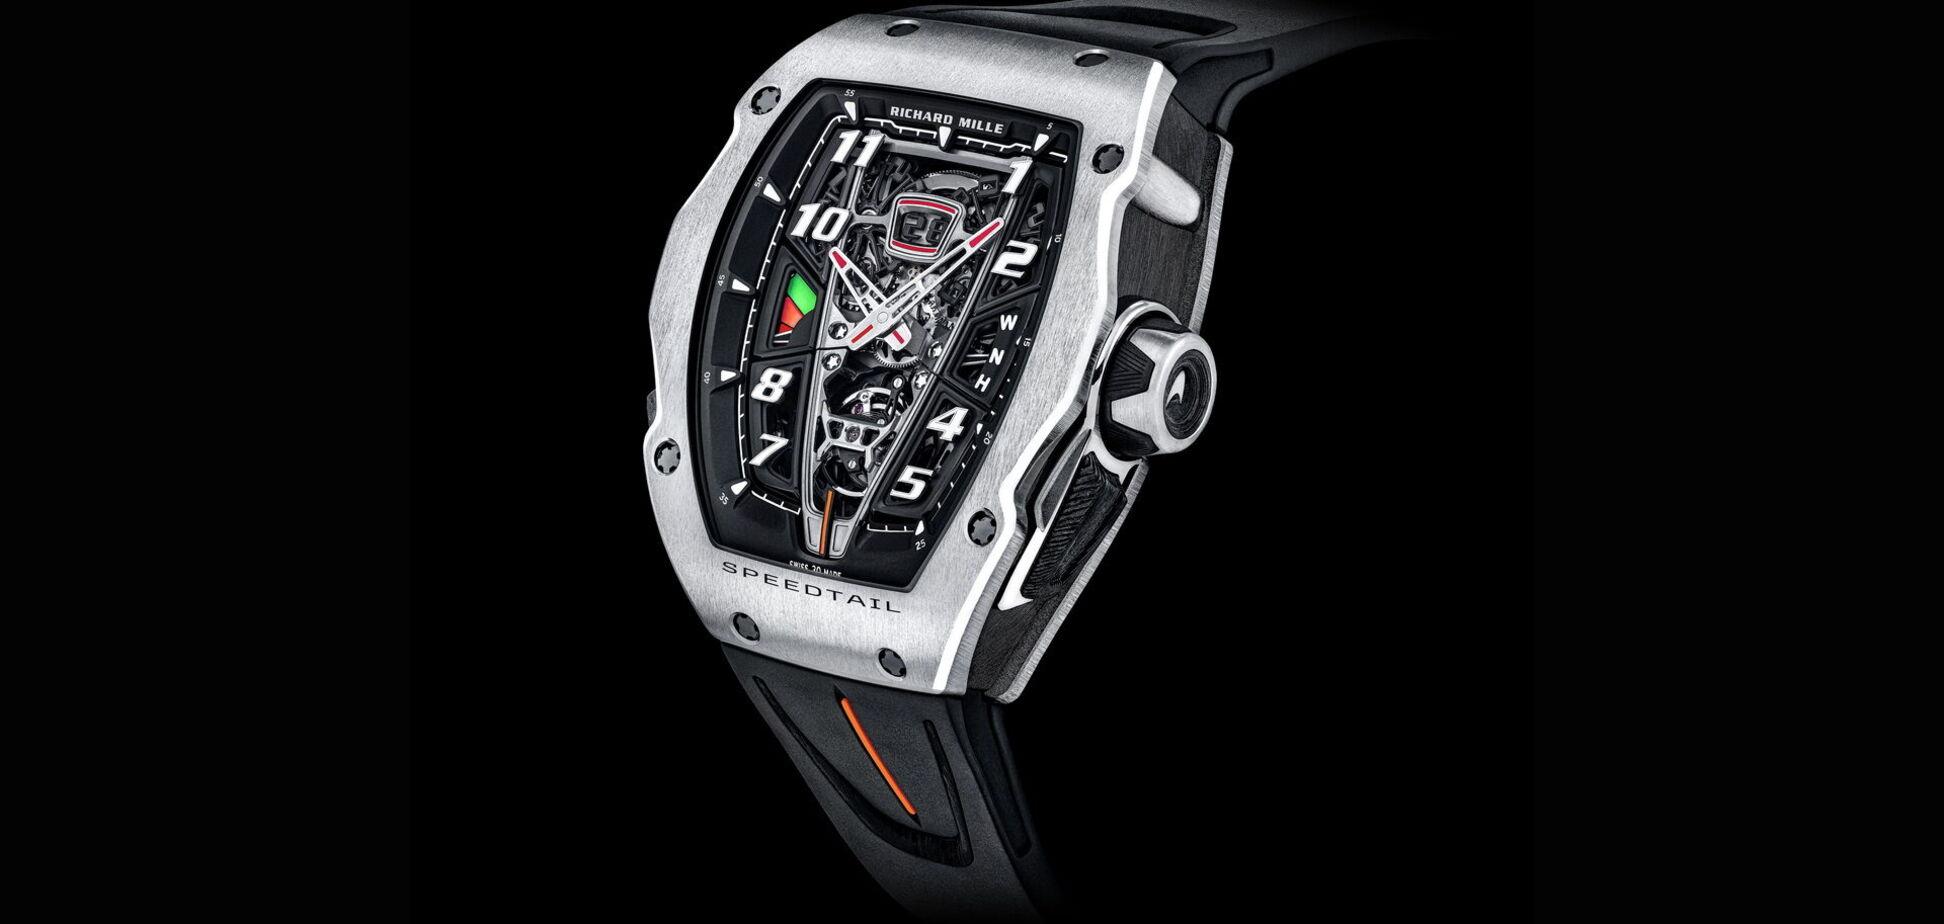 Richard Mille випустить годинник за $1 мільйон на честь гіперкара McLaren